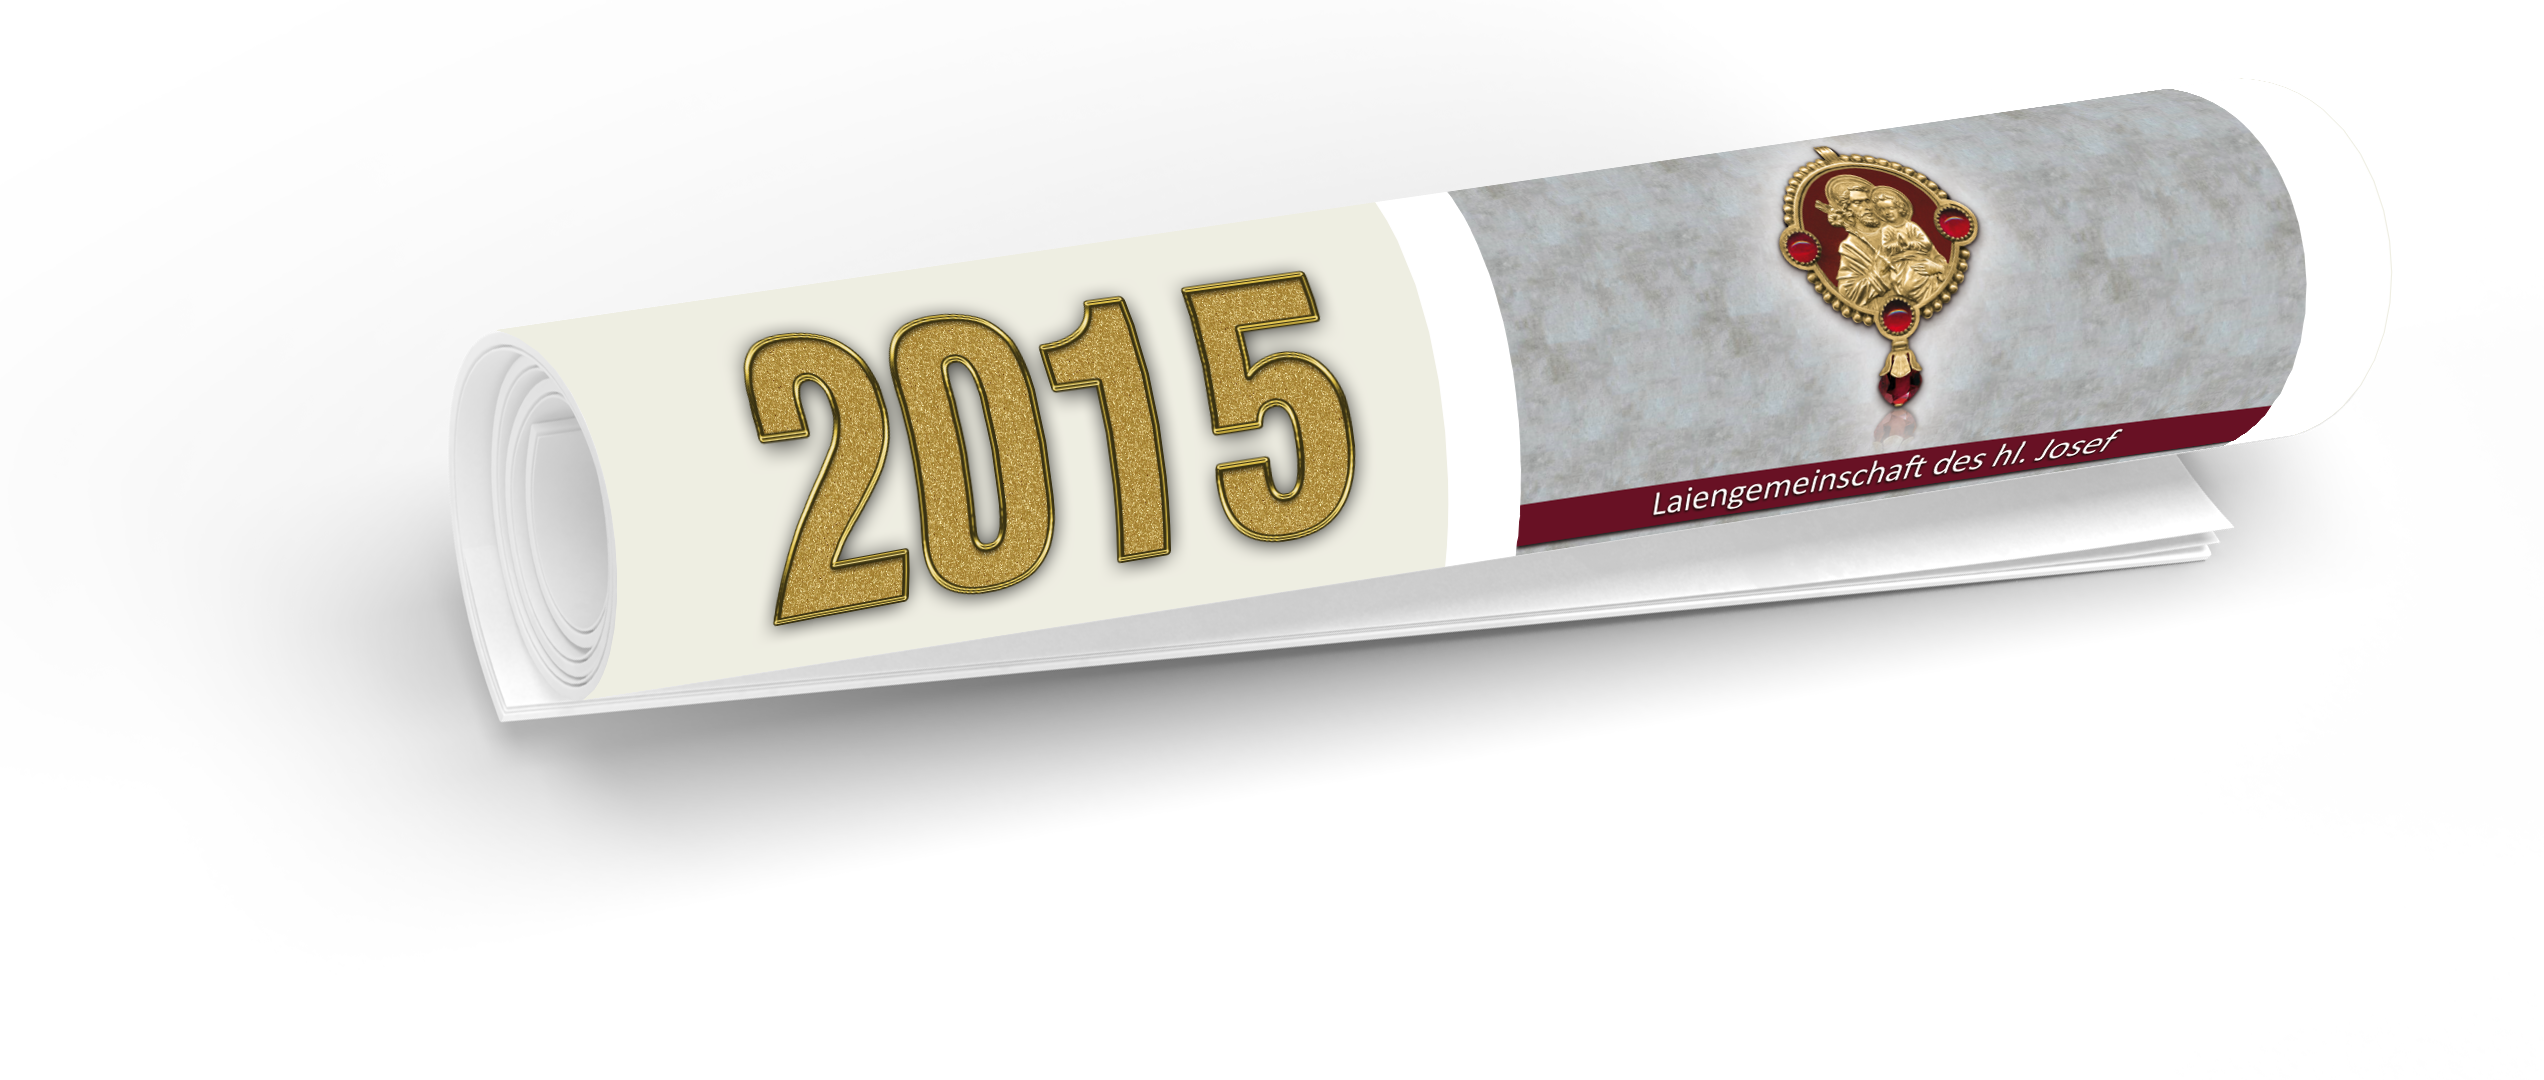 LGS-de-2015